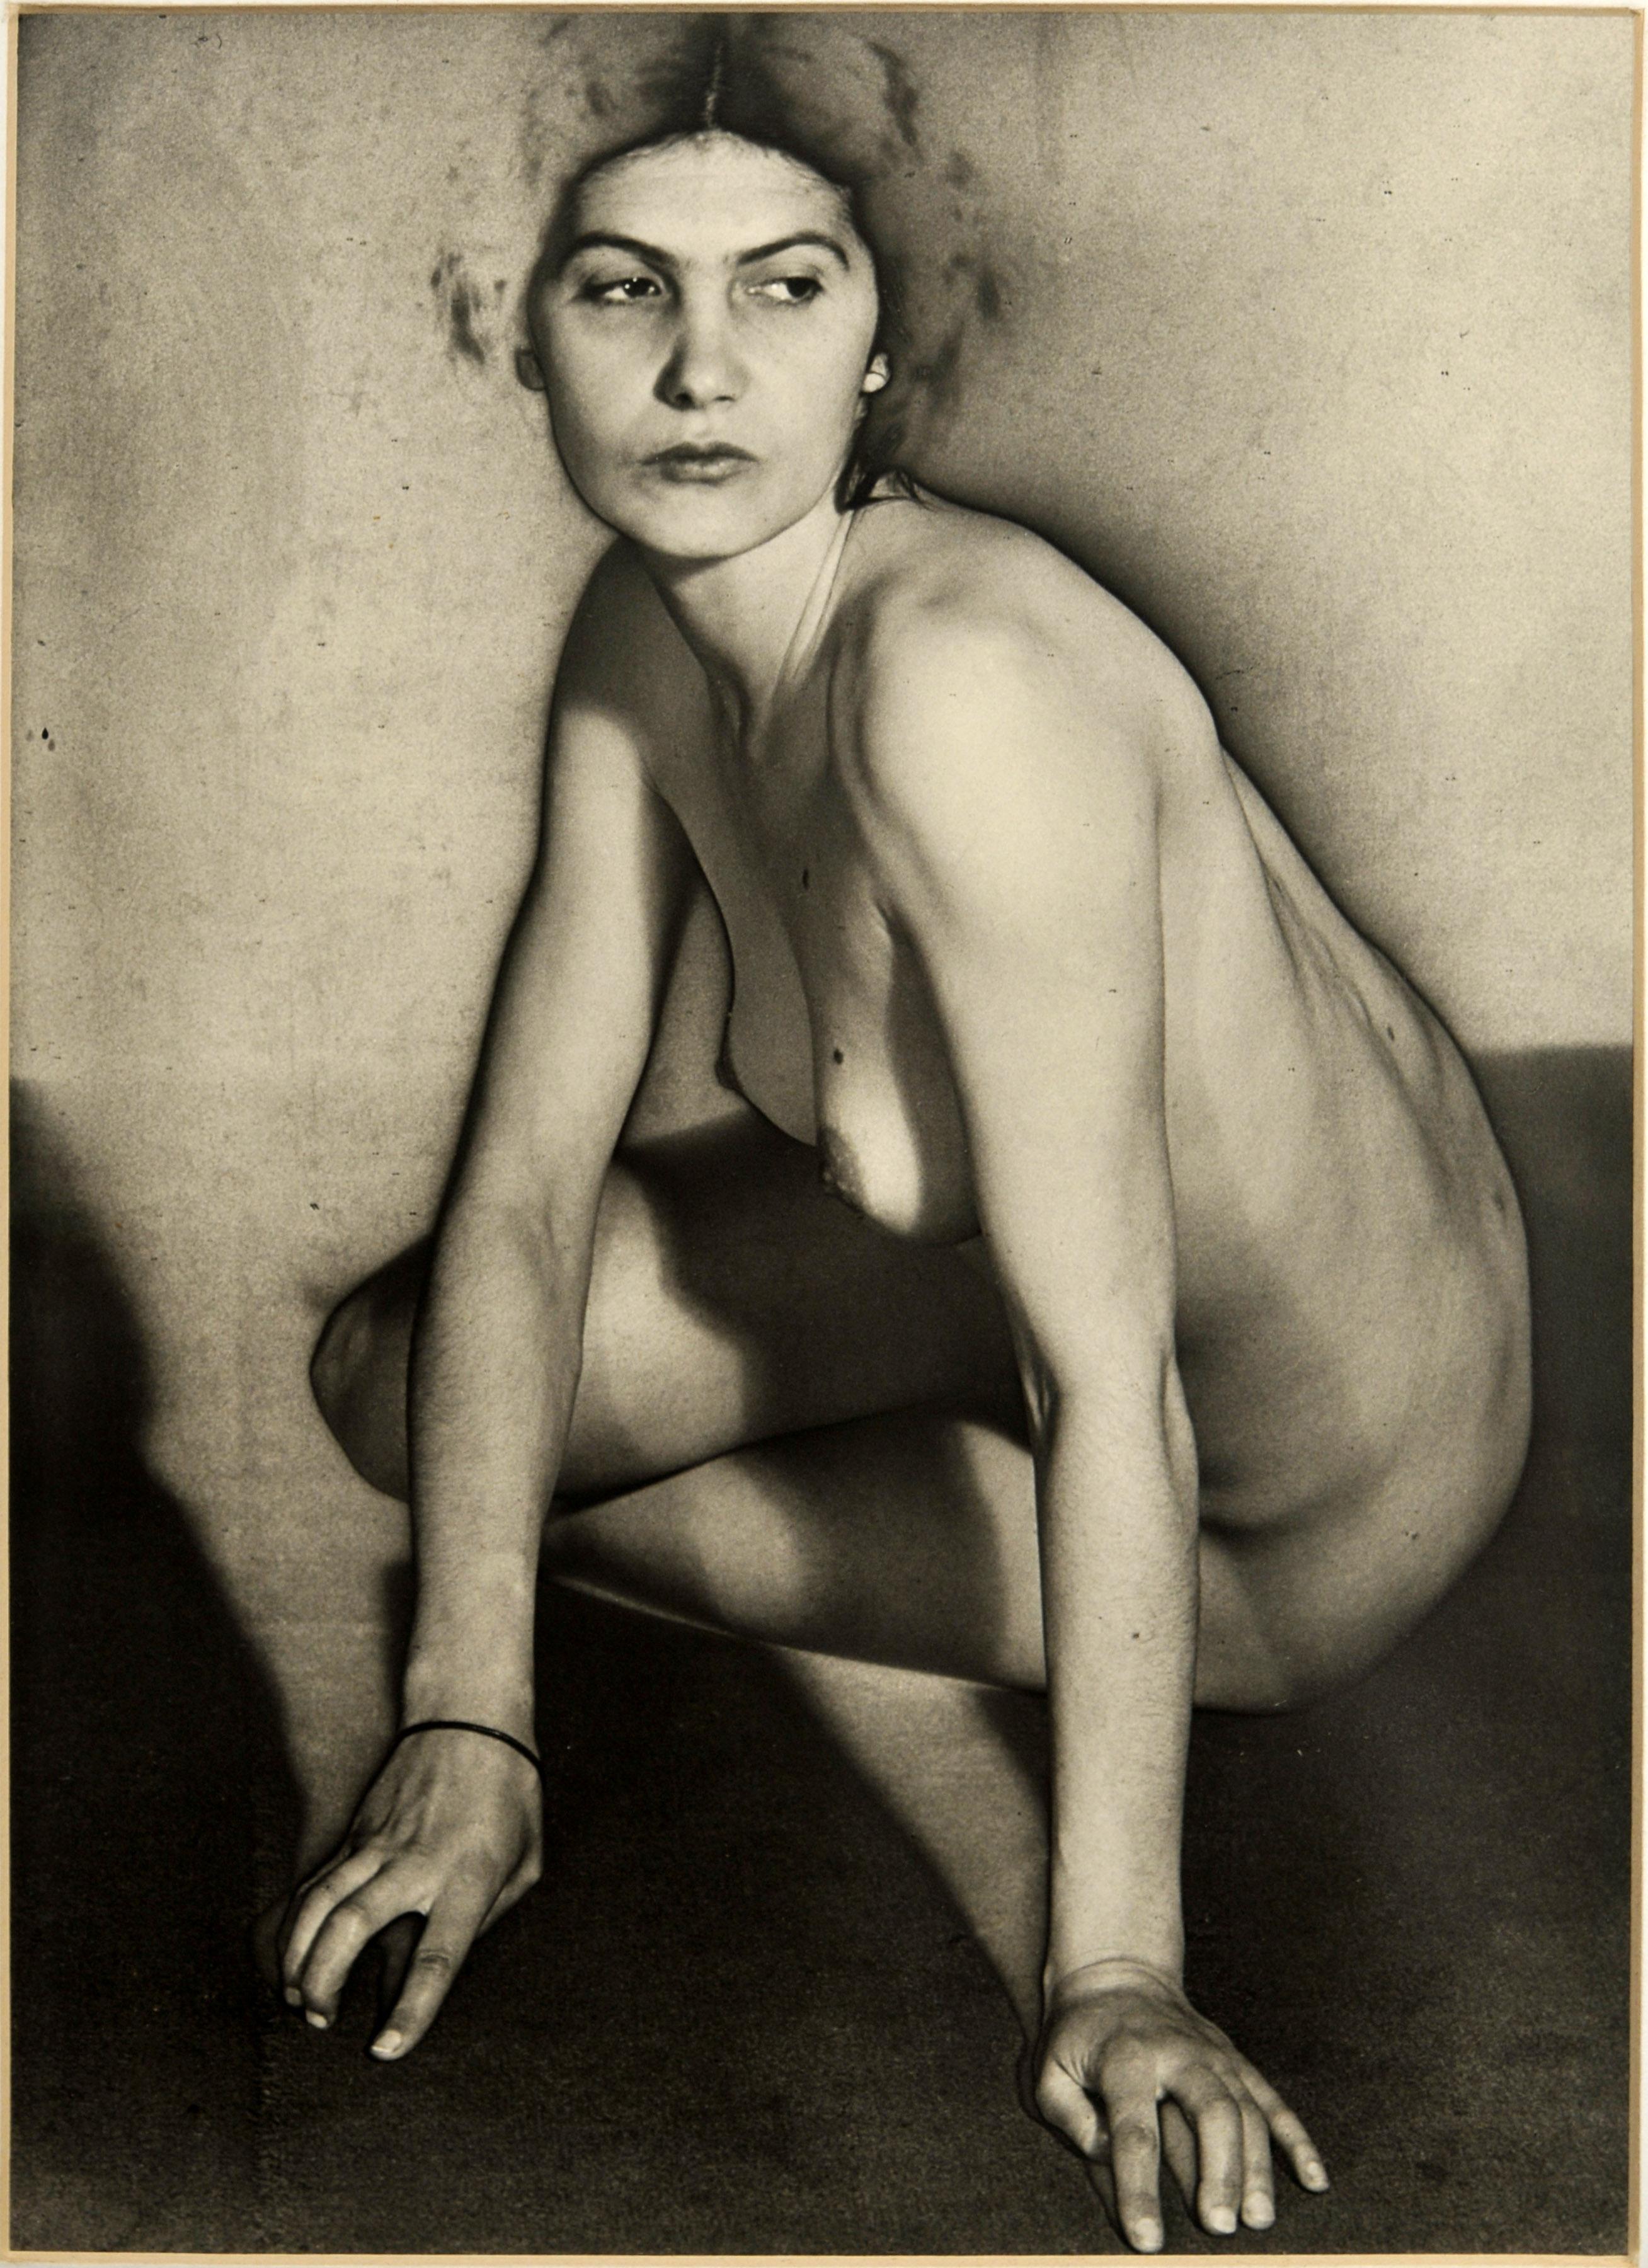 14-Man Ray- Nudo